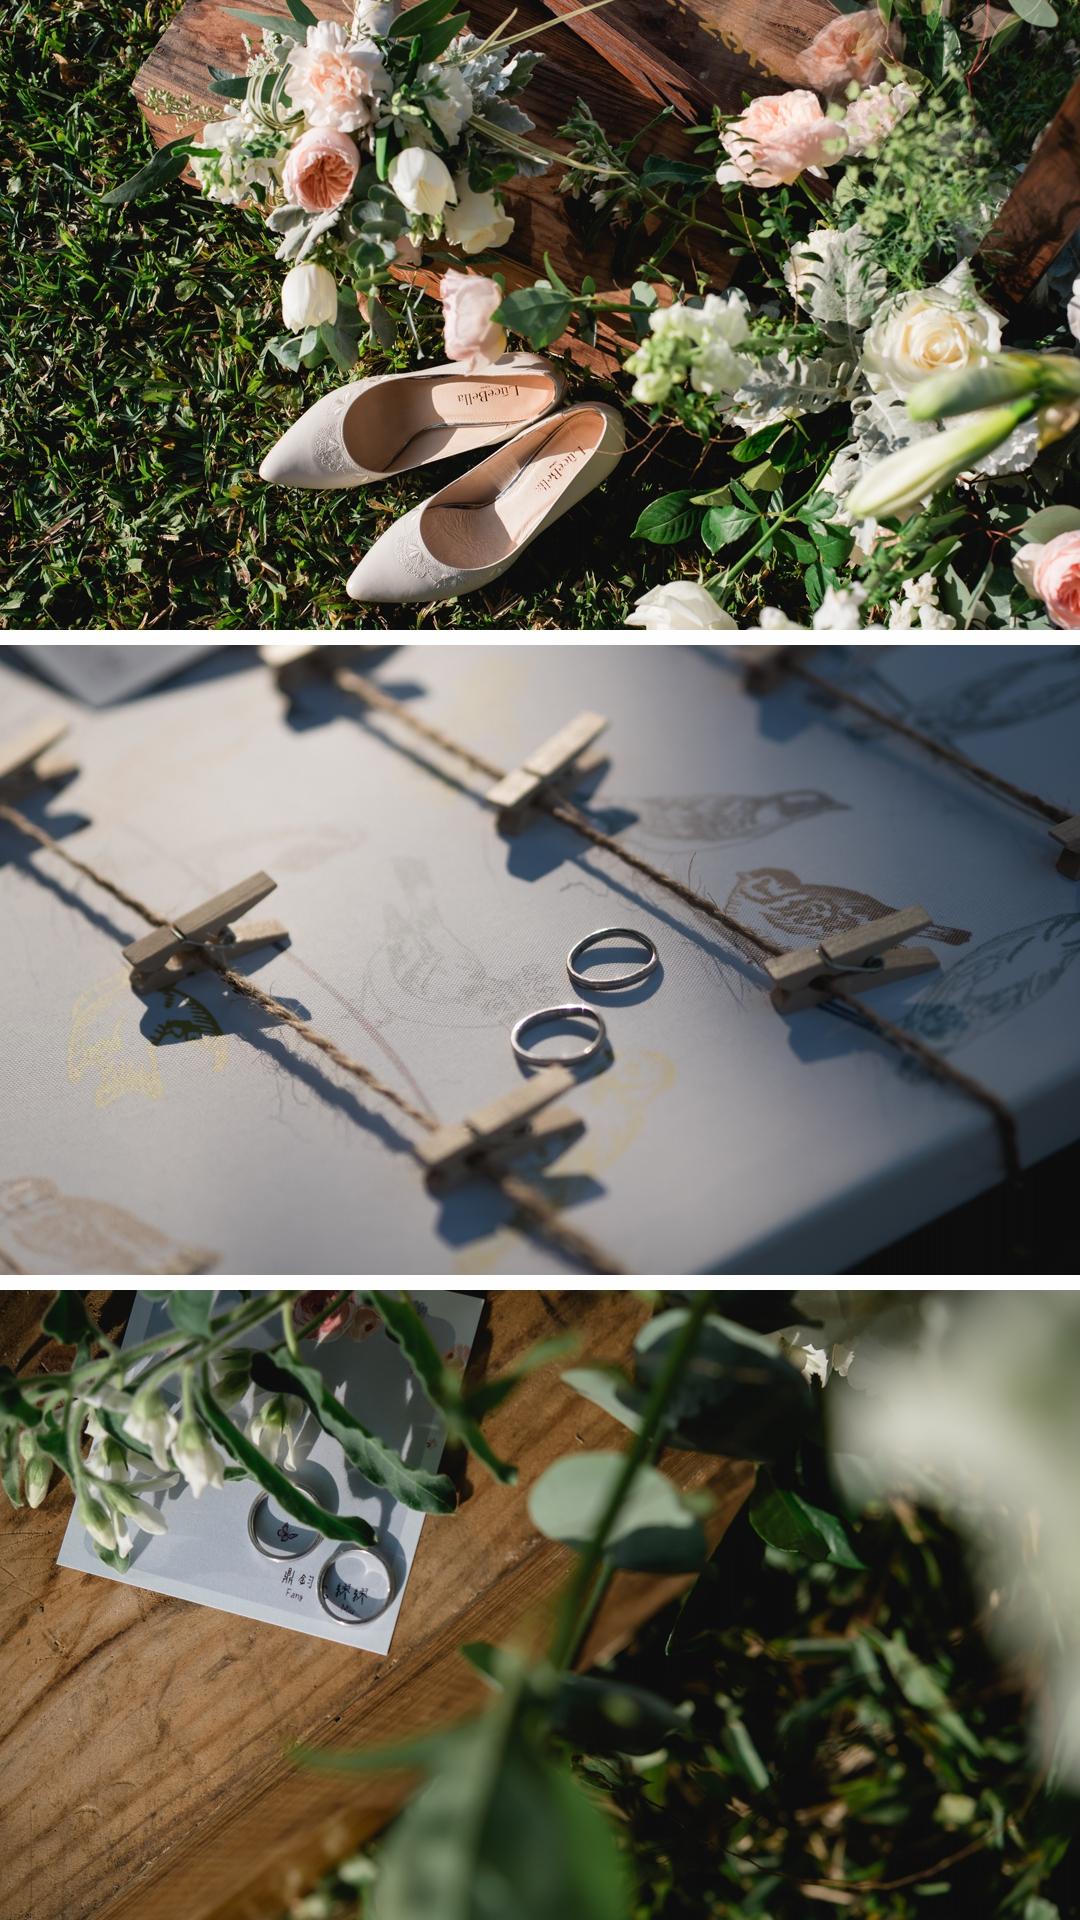 婚攝推薦,戶外婚禮,派花理室,鄉村故事旅棧,Just Wedding,蘿蔓朵英式手工婚紗